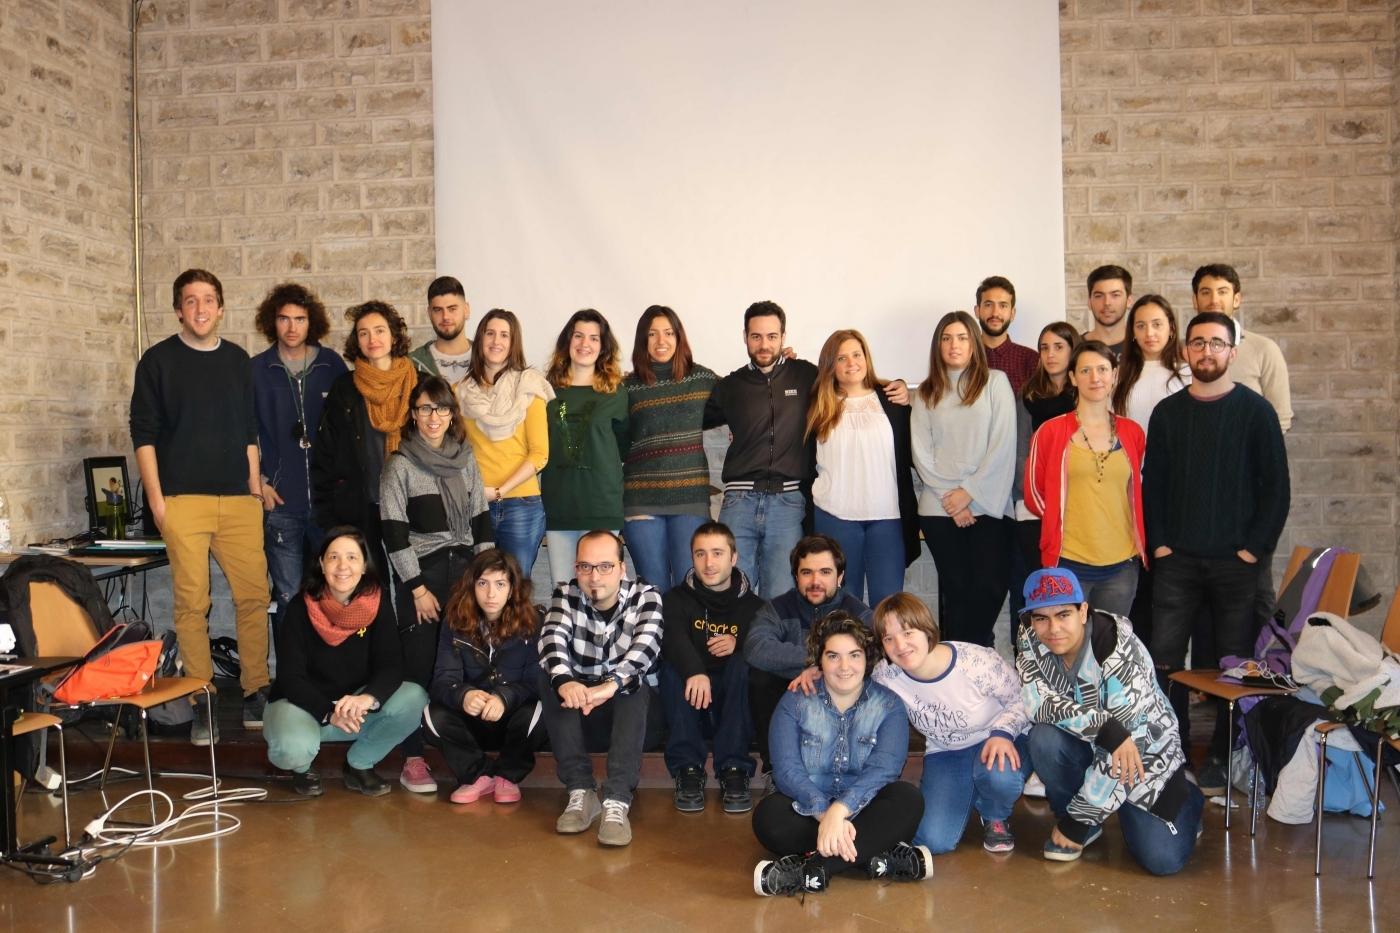 24 joves catalans es formaran a través de pràctiques en empreses a l'estranger a través del programa TLN Mobilicat que gestiona a Lleida l'Associació Alba.